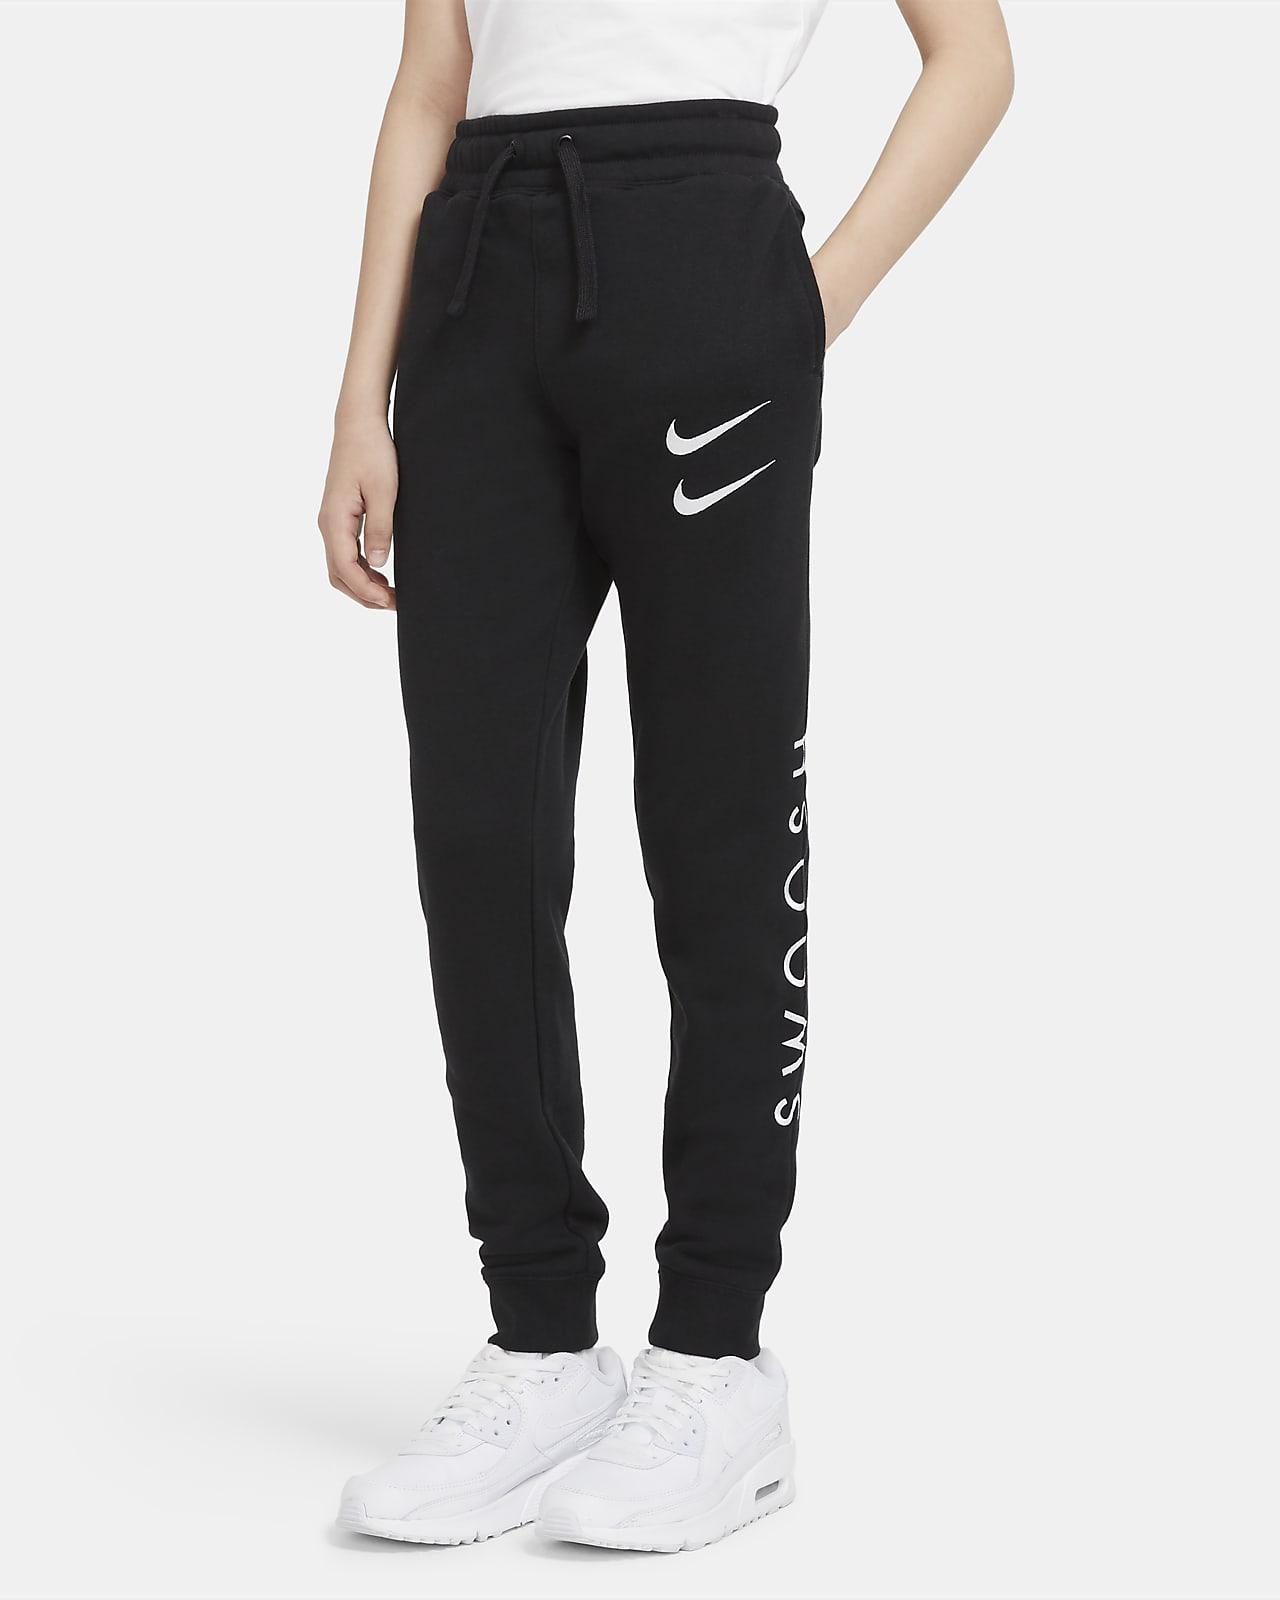 Nike Sportswear Swoosh Pantalón - Niño